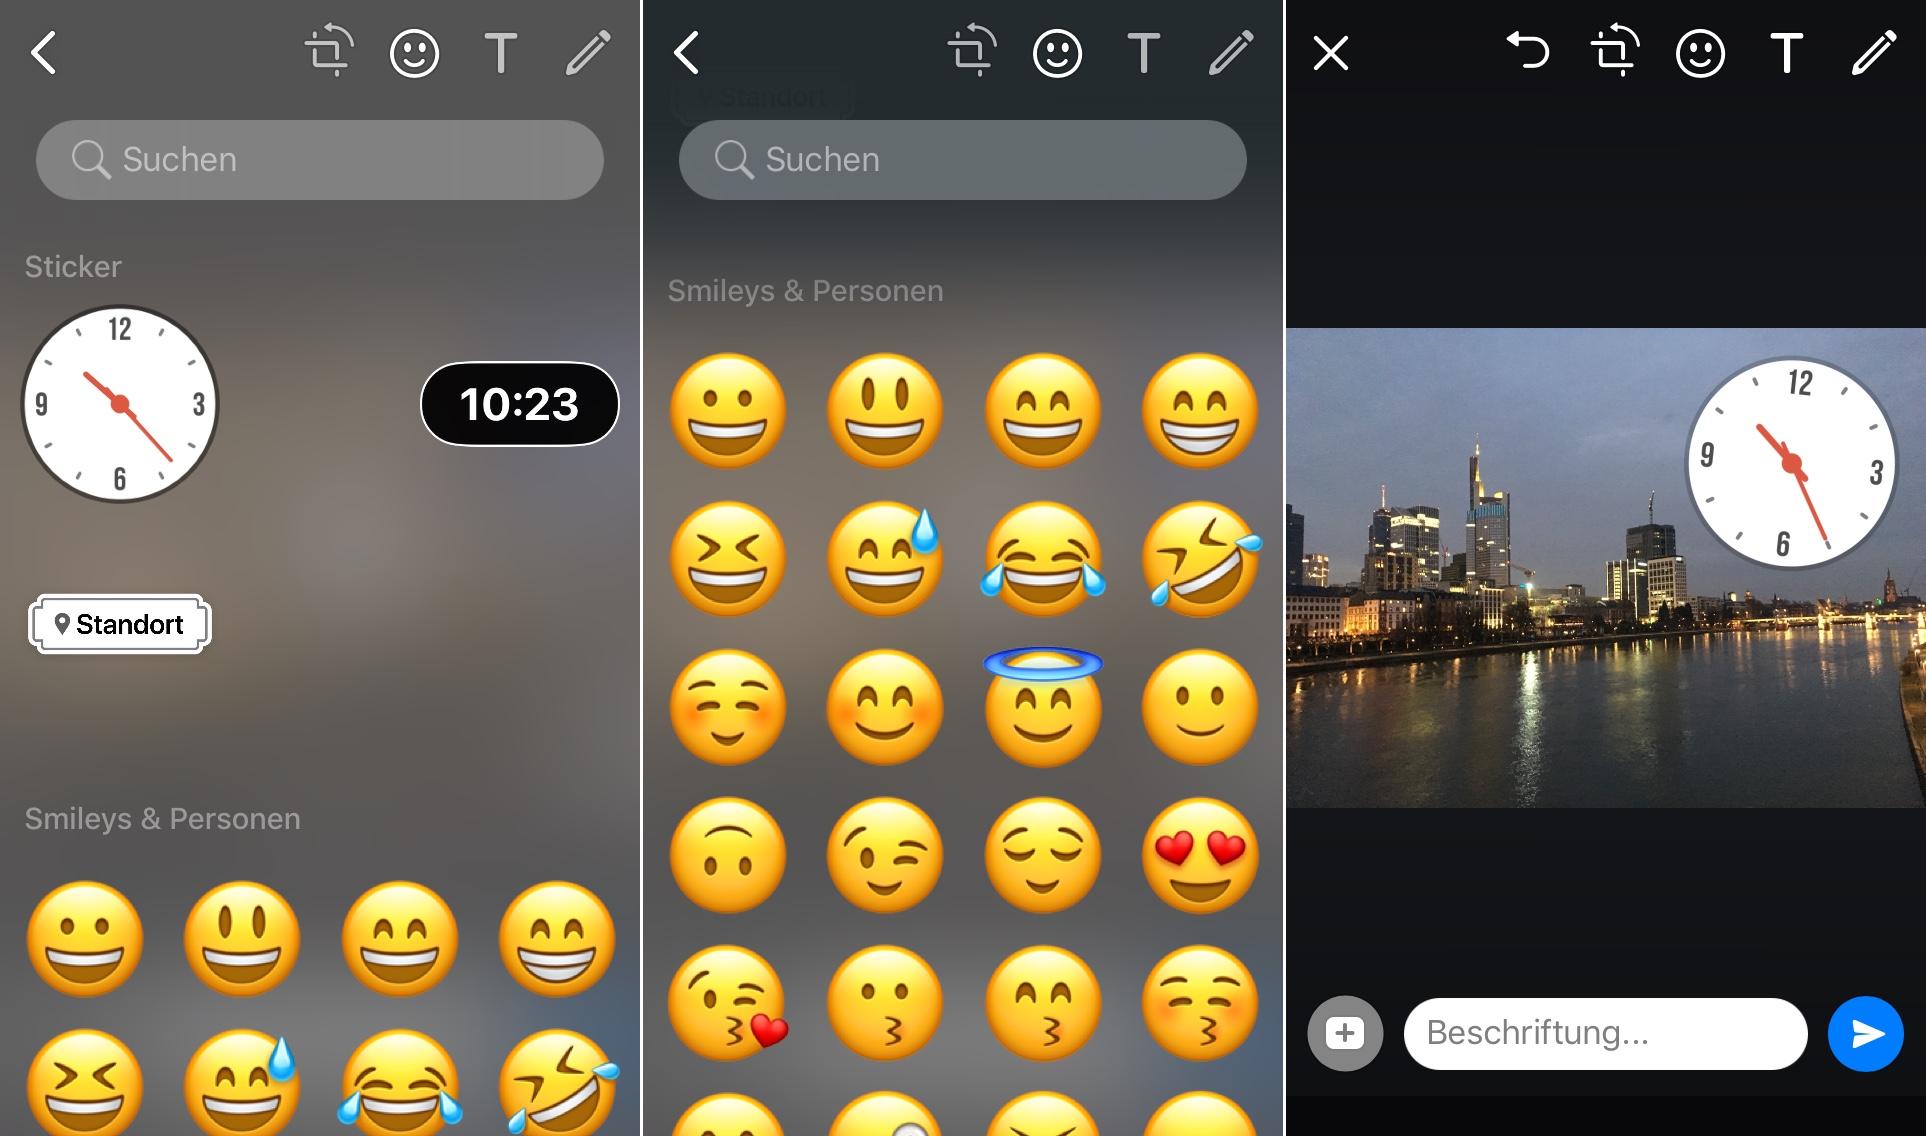 Seit heute verfügbar: Das kann das neue WhatsApp Update